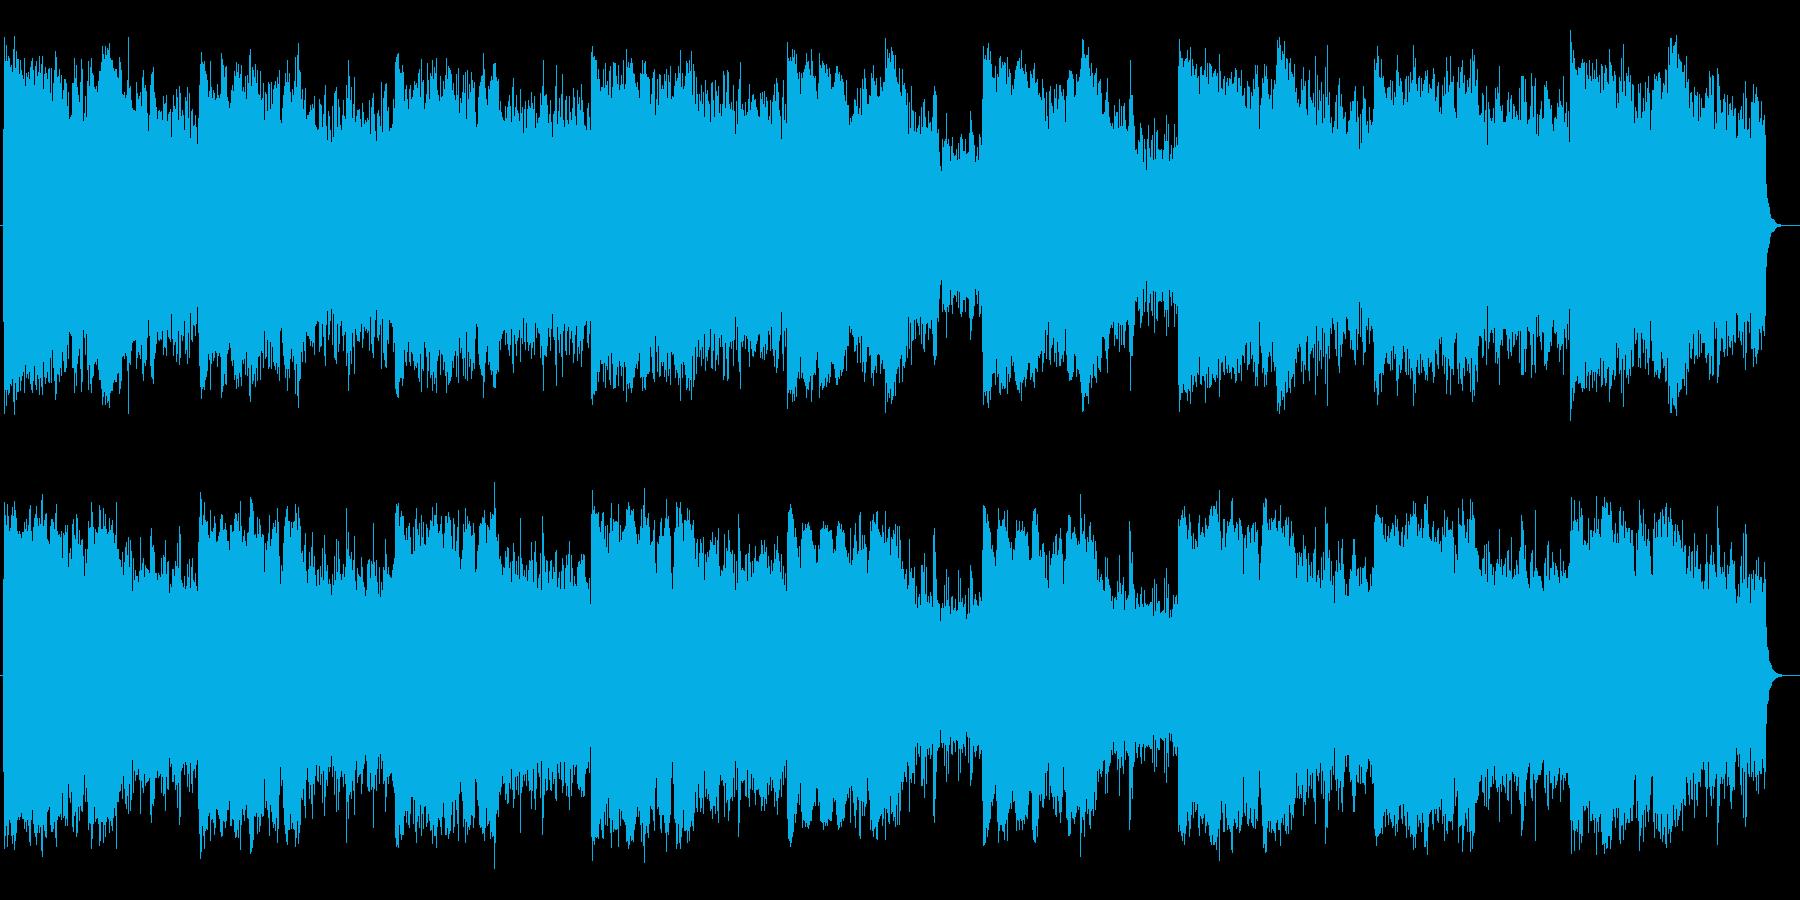 疾走感と勢いのシンセサイザーサウンドの再生済みの波形